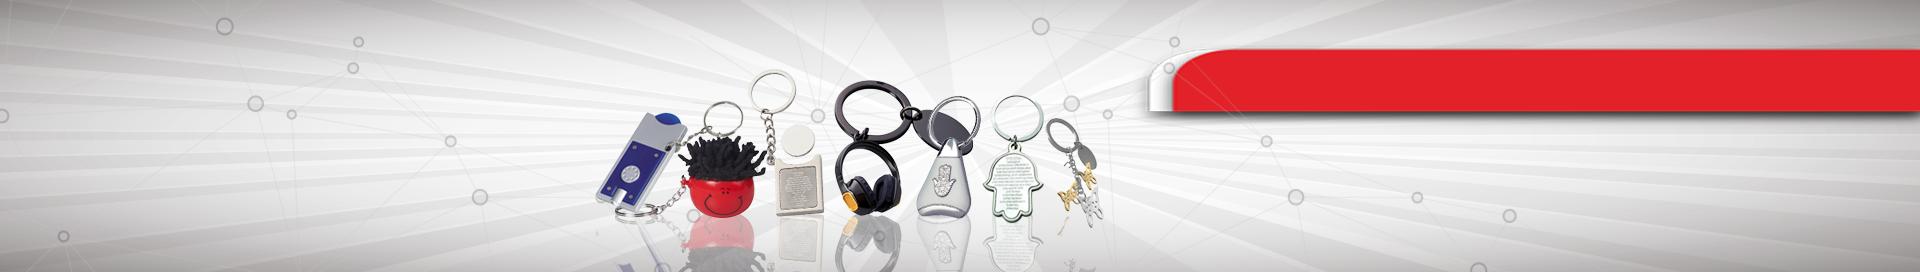 מחזיקי מפתחות,תגים וסמלים